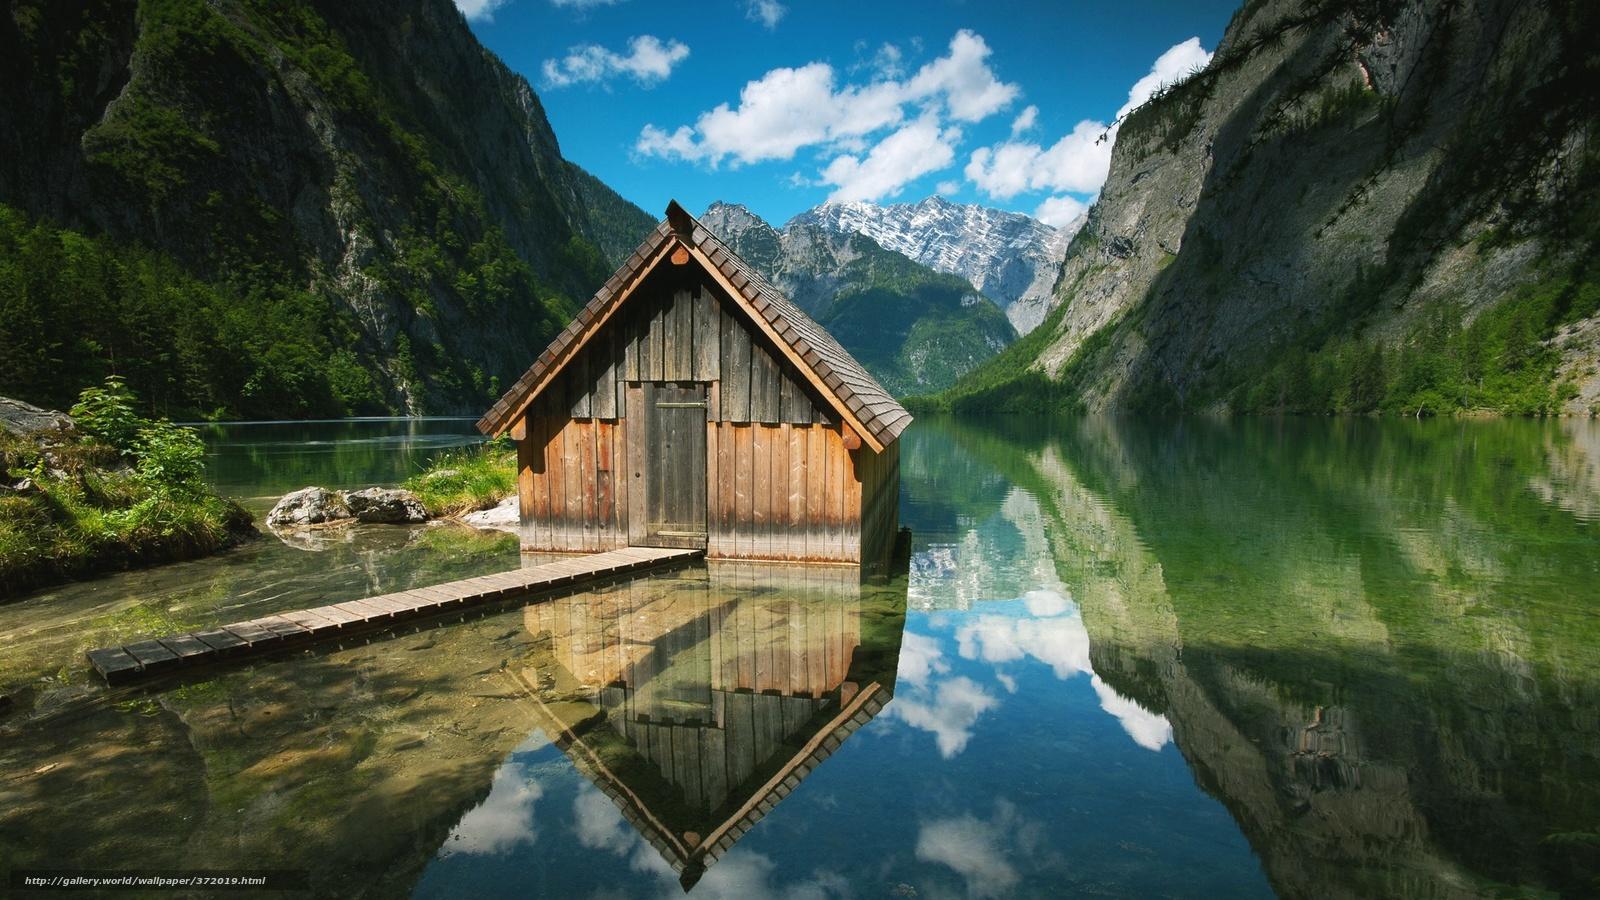 Скачать обои германия,  вода,  горы,  природа бесплатно для рабочего стола в разрешении 1920x1080 — картинка №372019